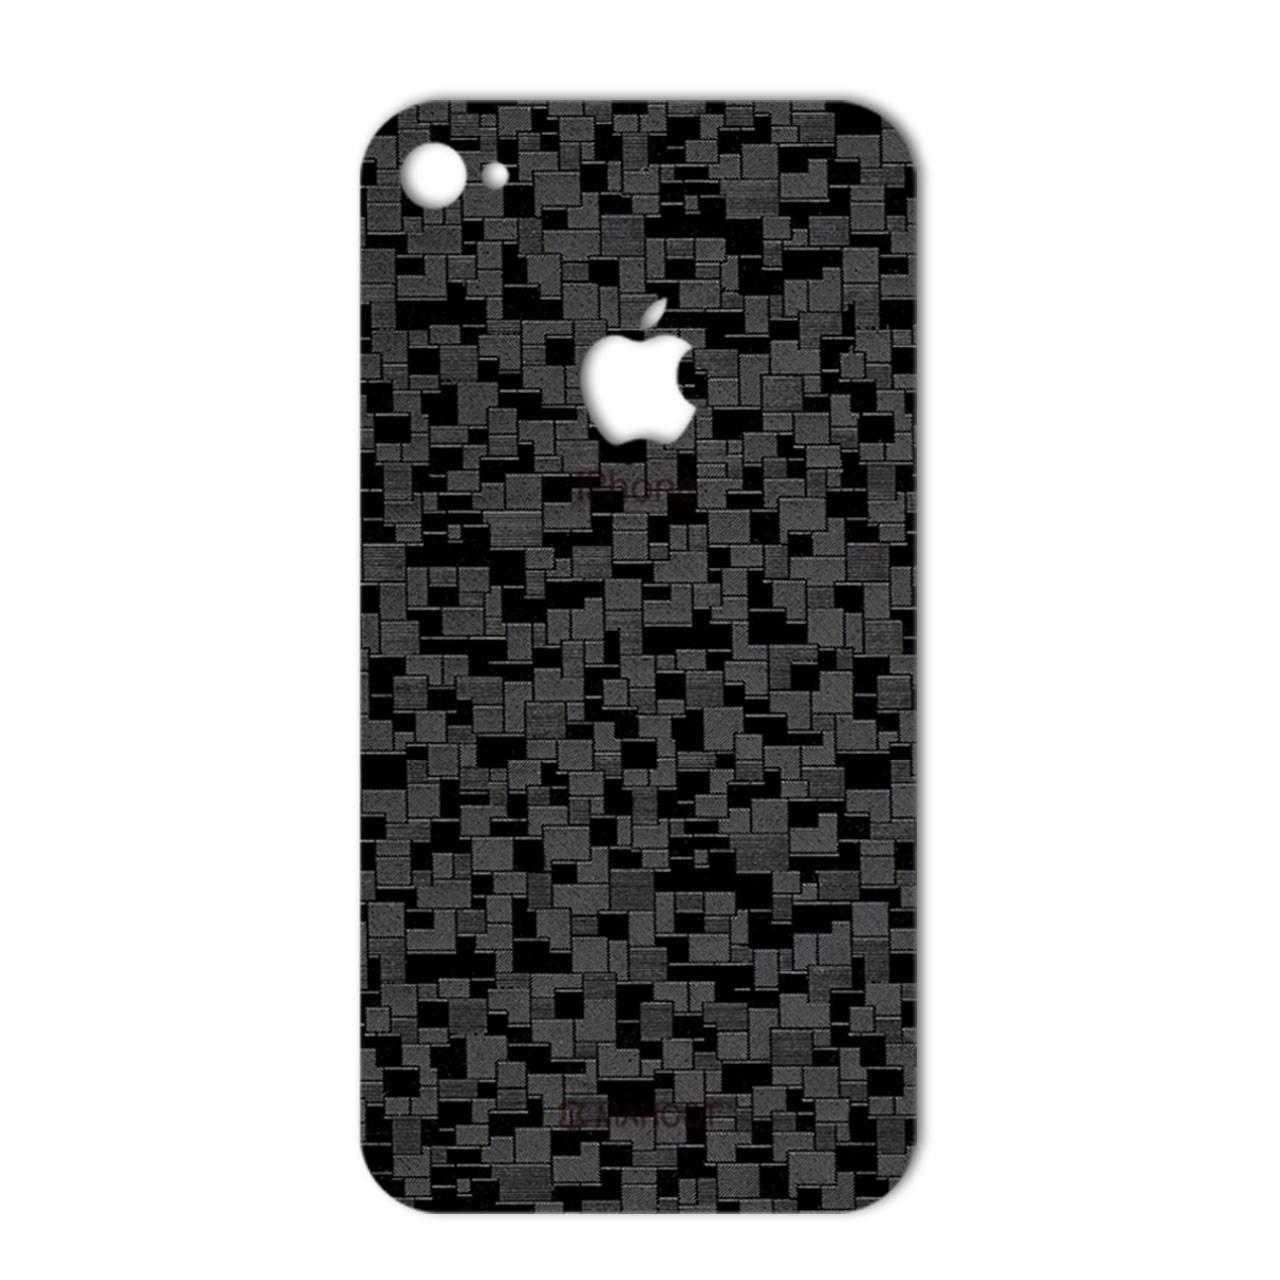 برچسب تزئینی ماهوت مدل Silicon Texture مناسب برای گوشی  iPhone 4s